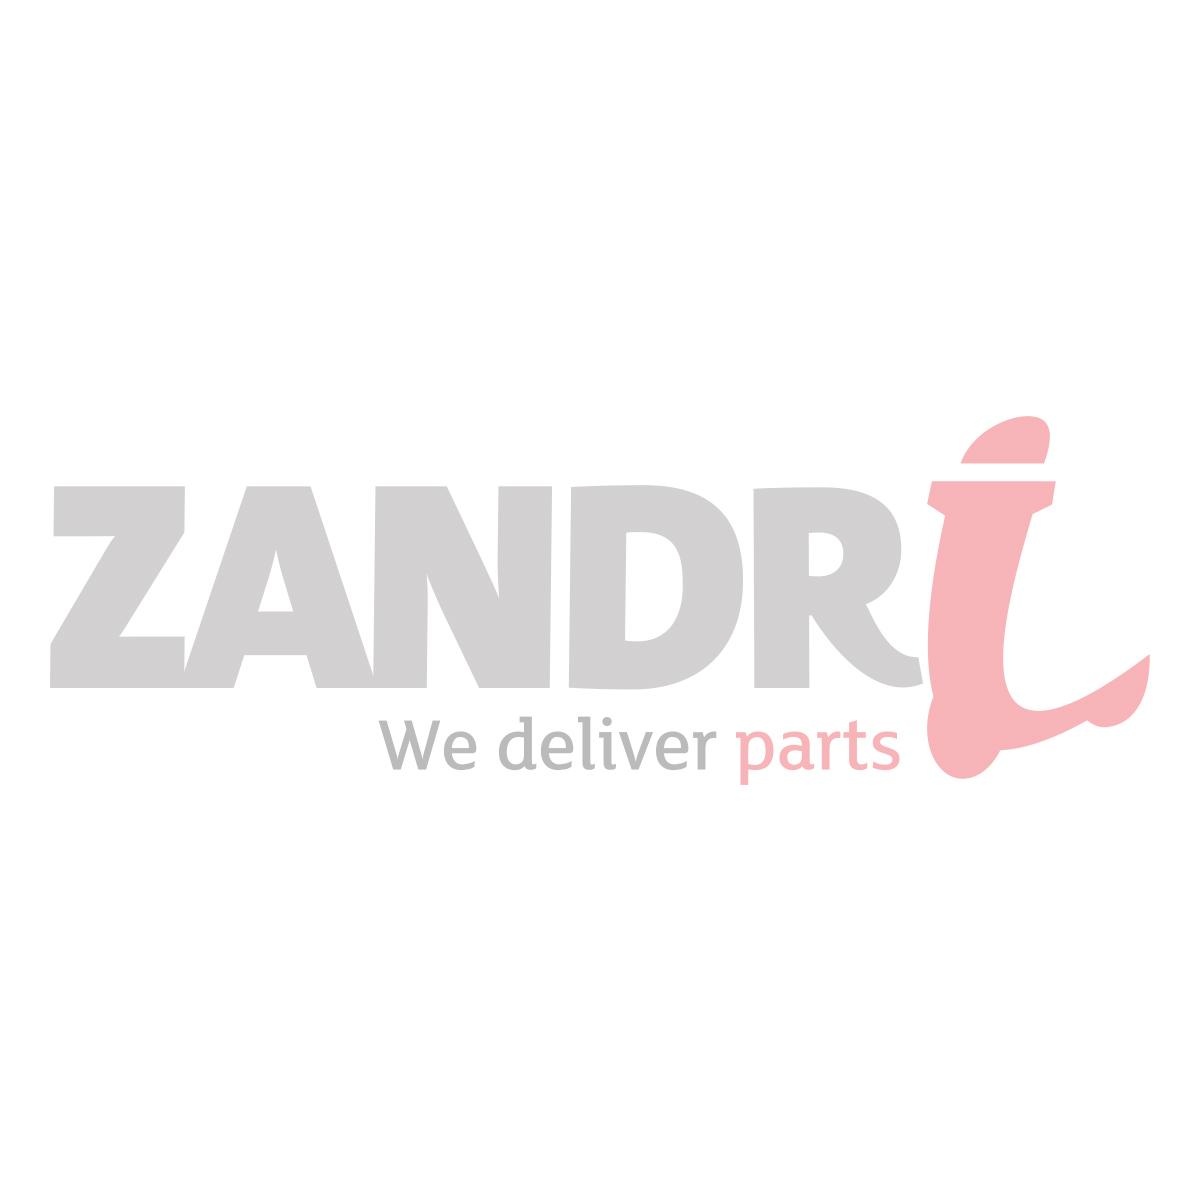 CDI VARIABEL Peugeot Buxy Zenith verstelbaar